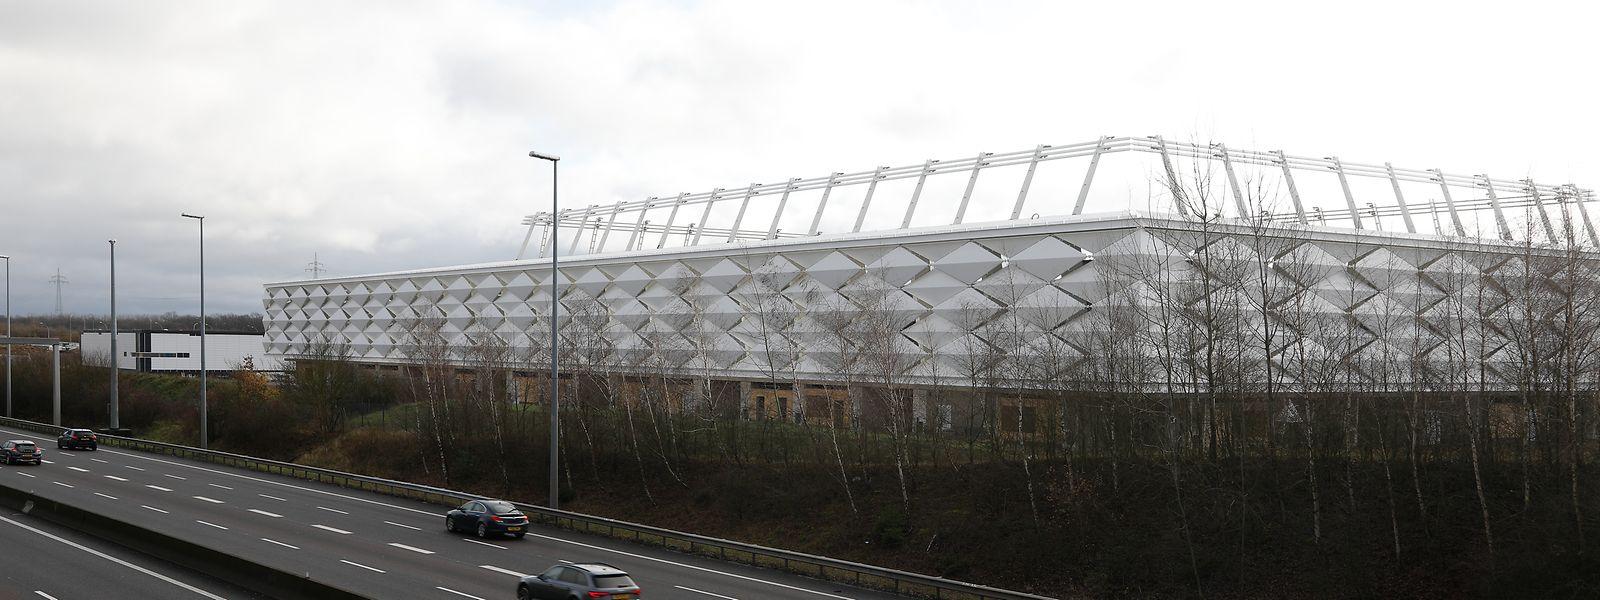 Das neue Fußballstadion sieht nur von außen bereits fast fertig aus.